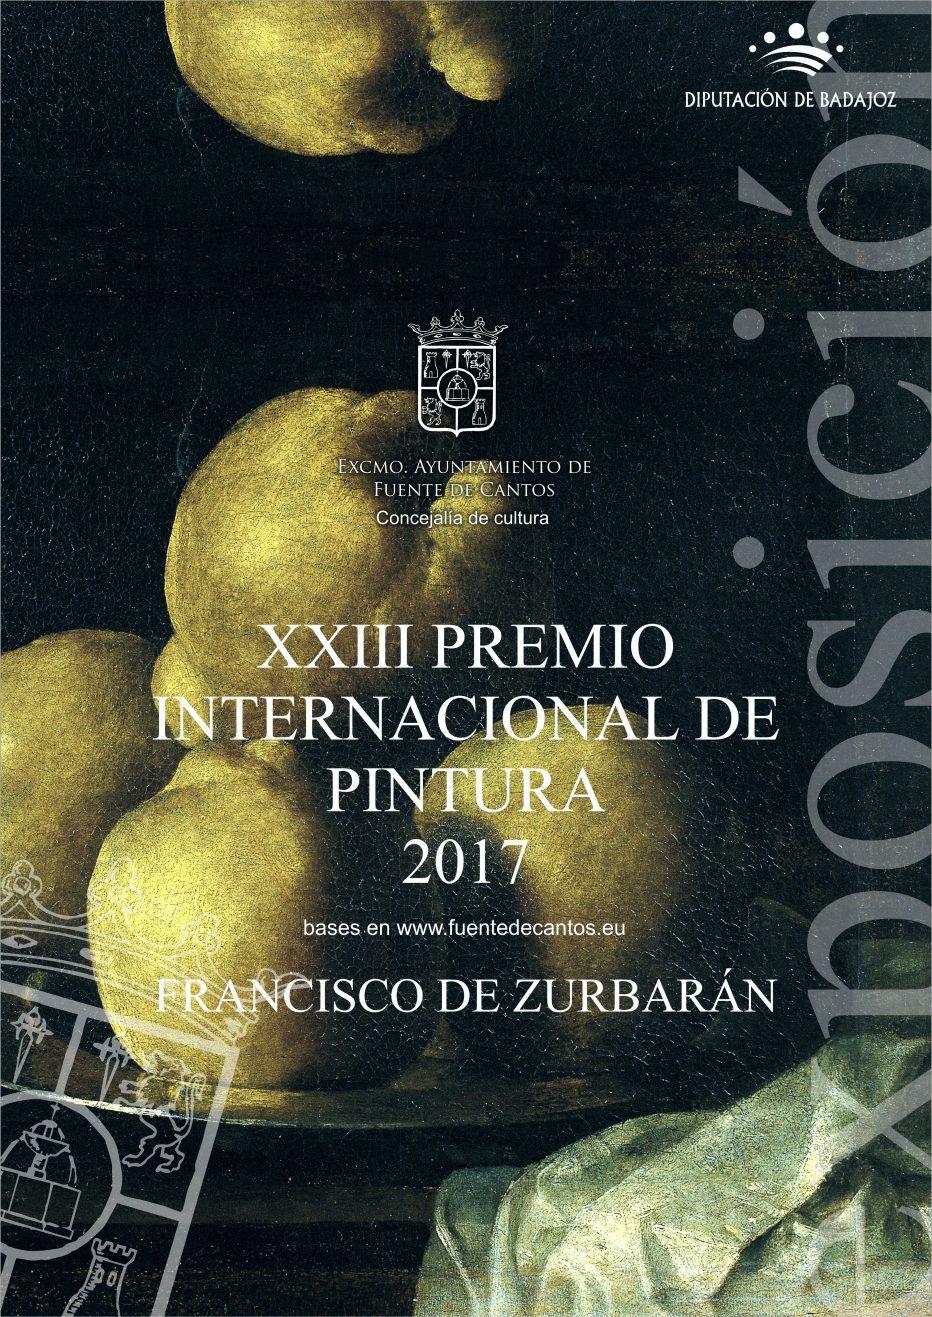 XXIII PREMIO INTERNACIONAL DE PINTURA FRANCISCO DE ZURBARÁN